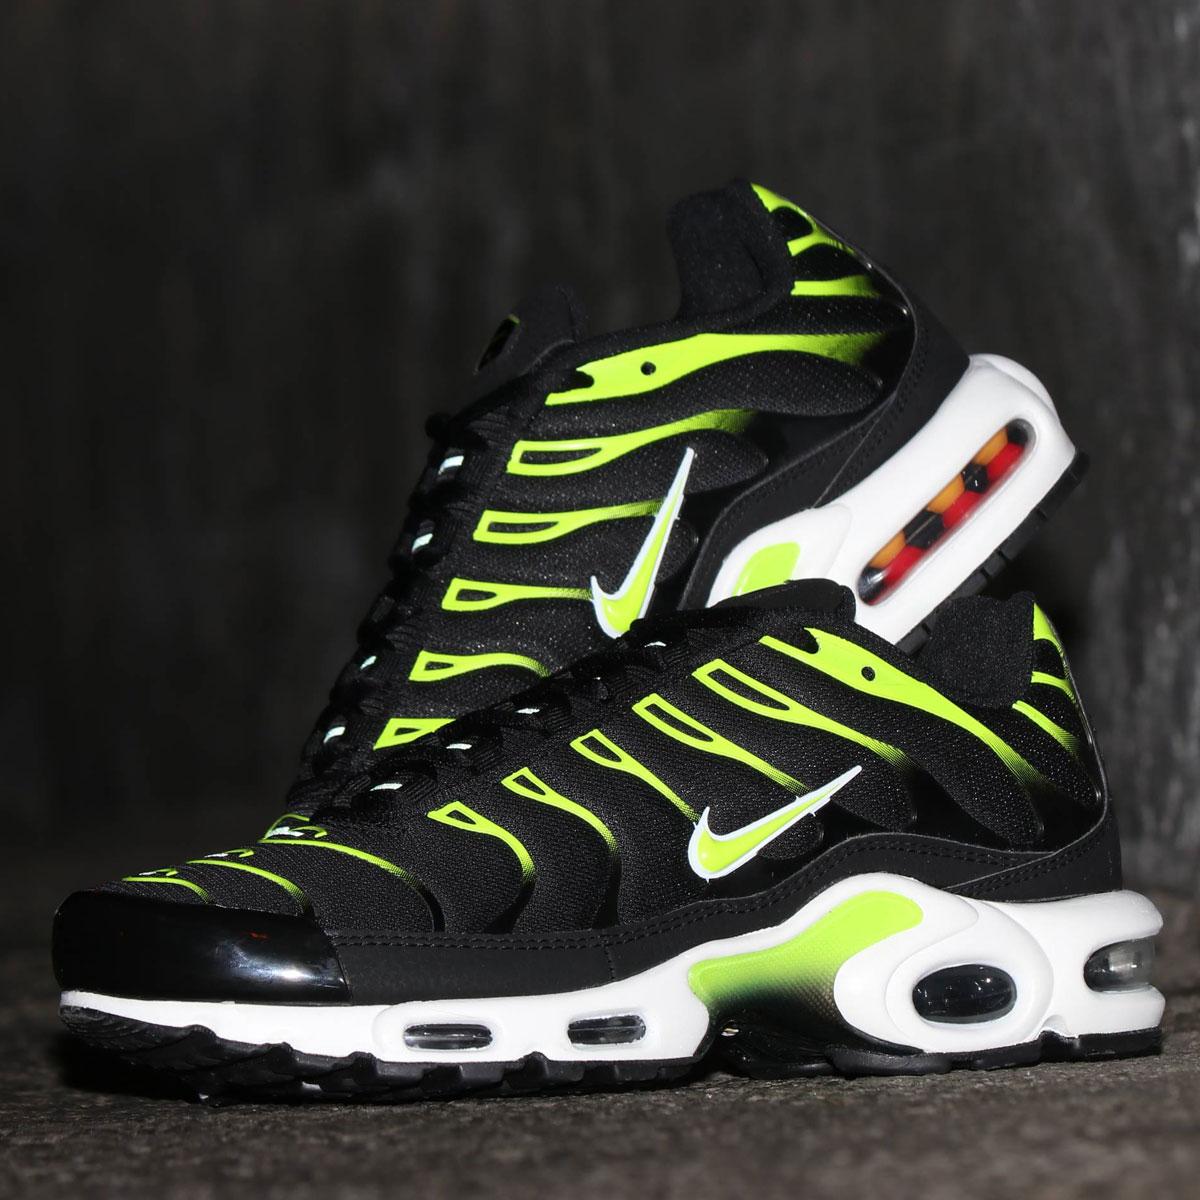 メンズ靴, スニーカー NIKE AIR MAX PLUS( )BLACKVOLT-WHITE-PLATINUM TINT 19SP-I at20-c